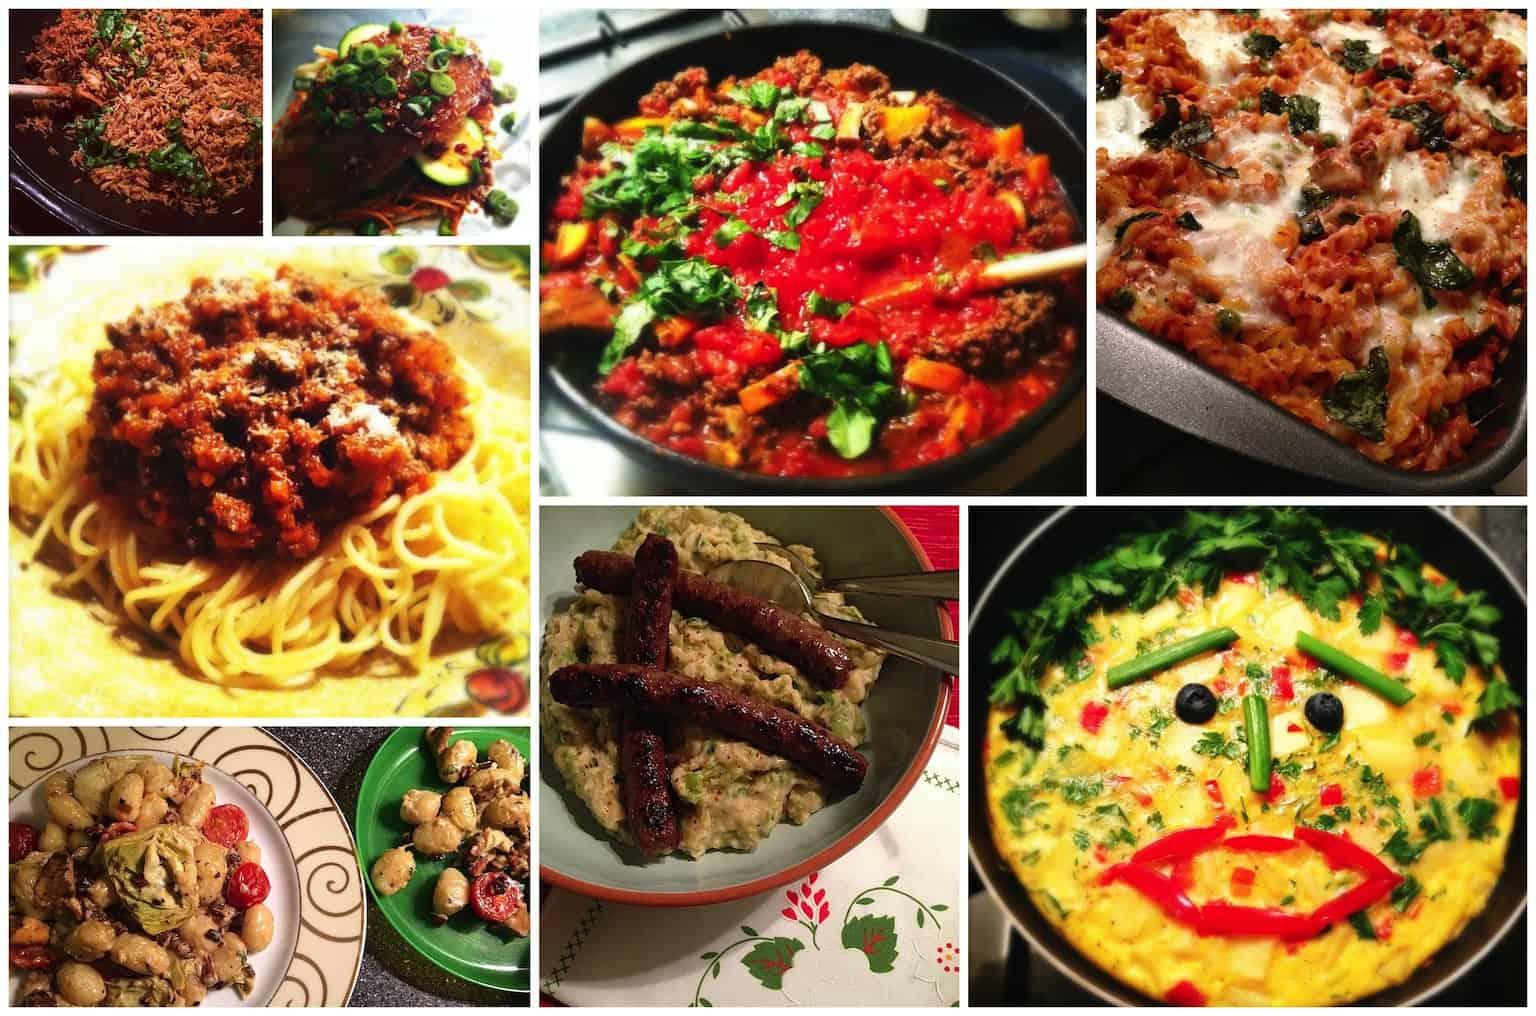 kookboek makkelijke maaltijden voor doordeweek